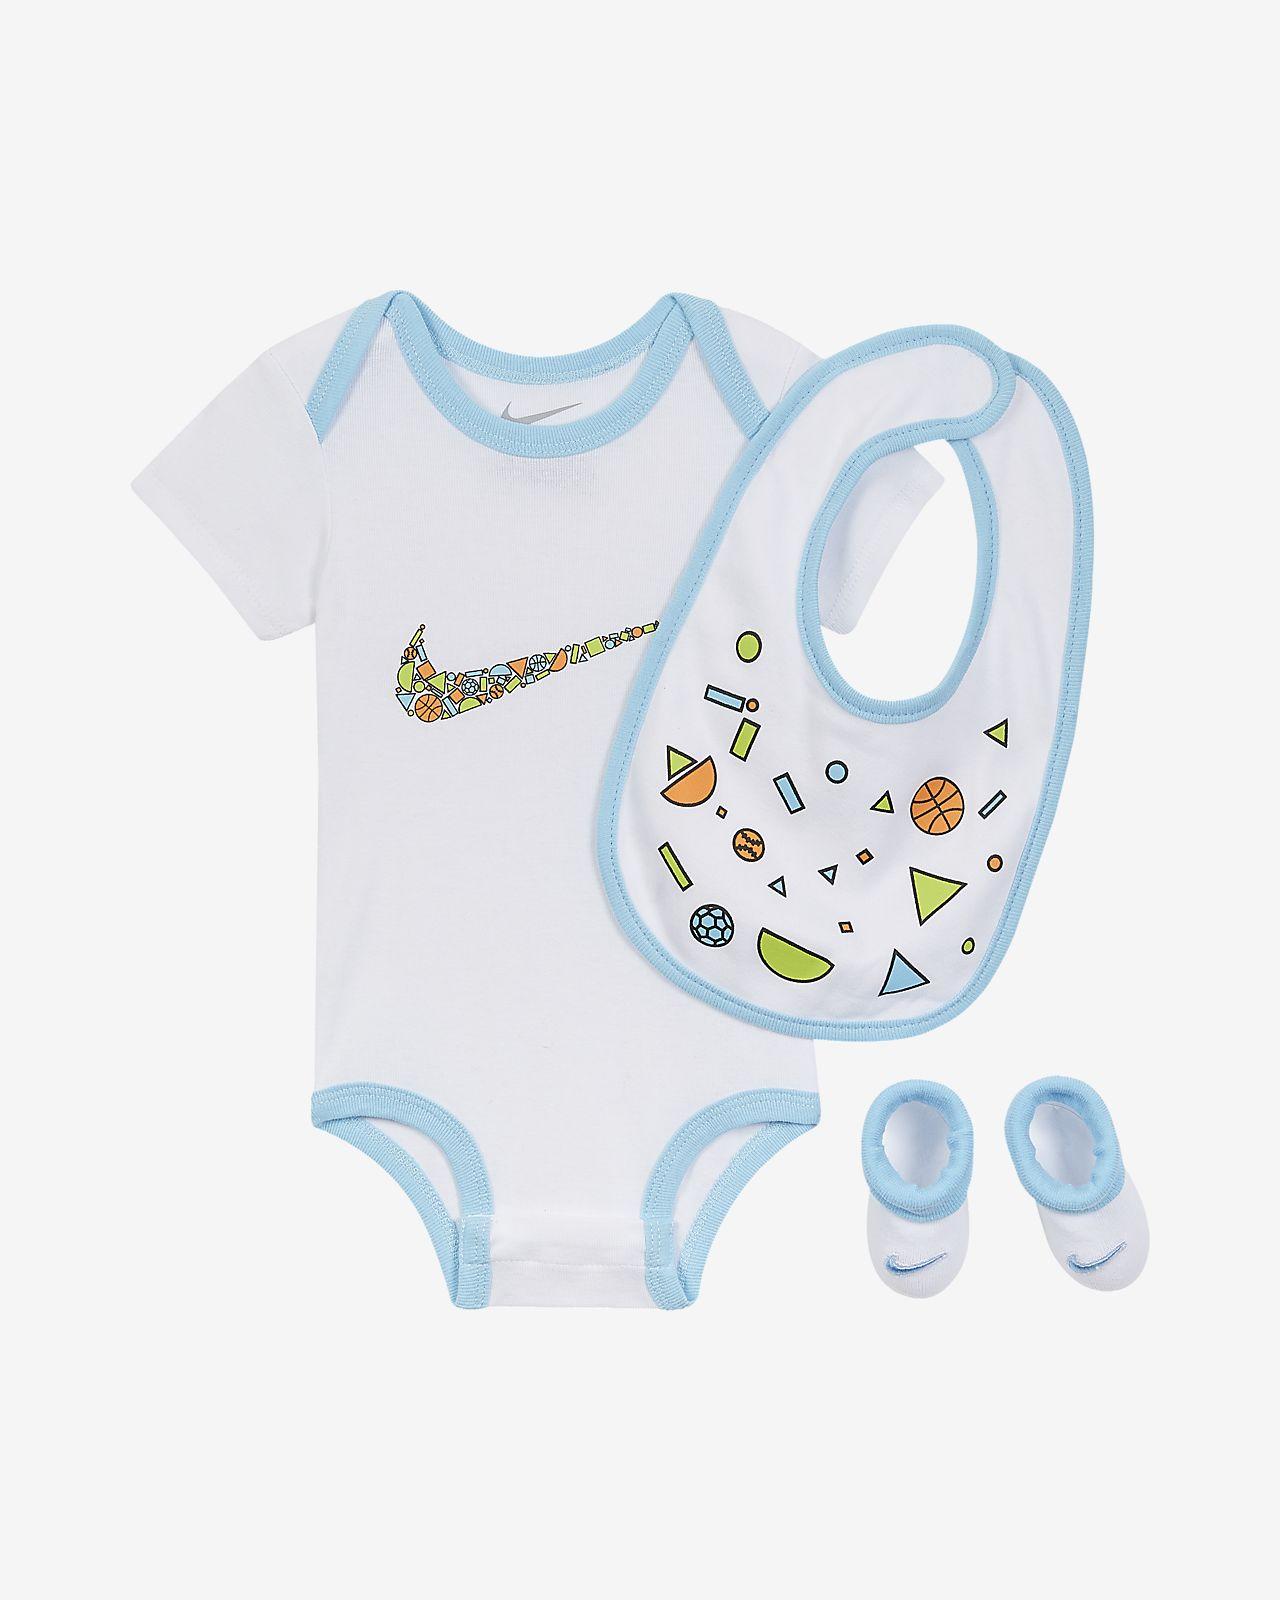 Nike háromrészes szett babáknak (0-9 hónapos)